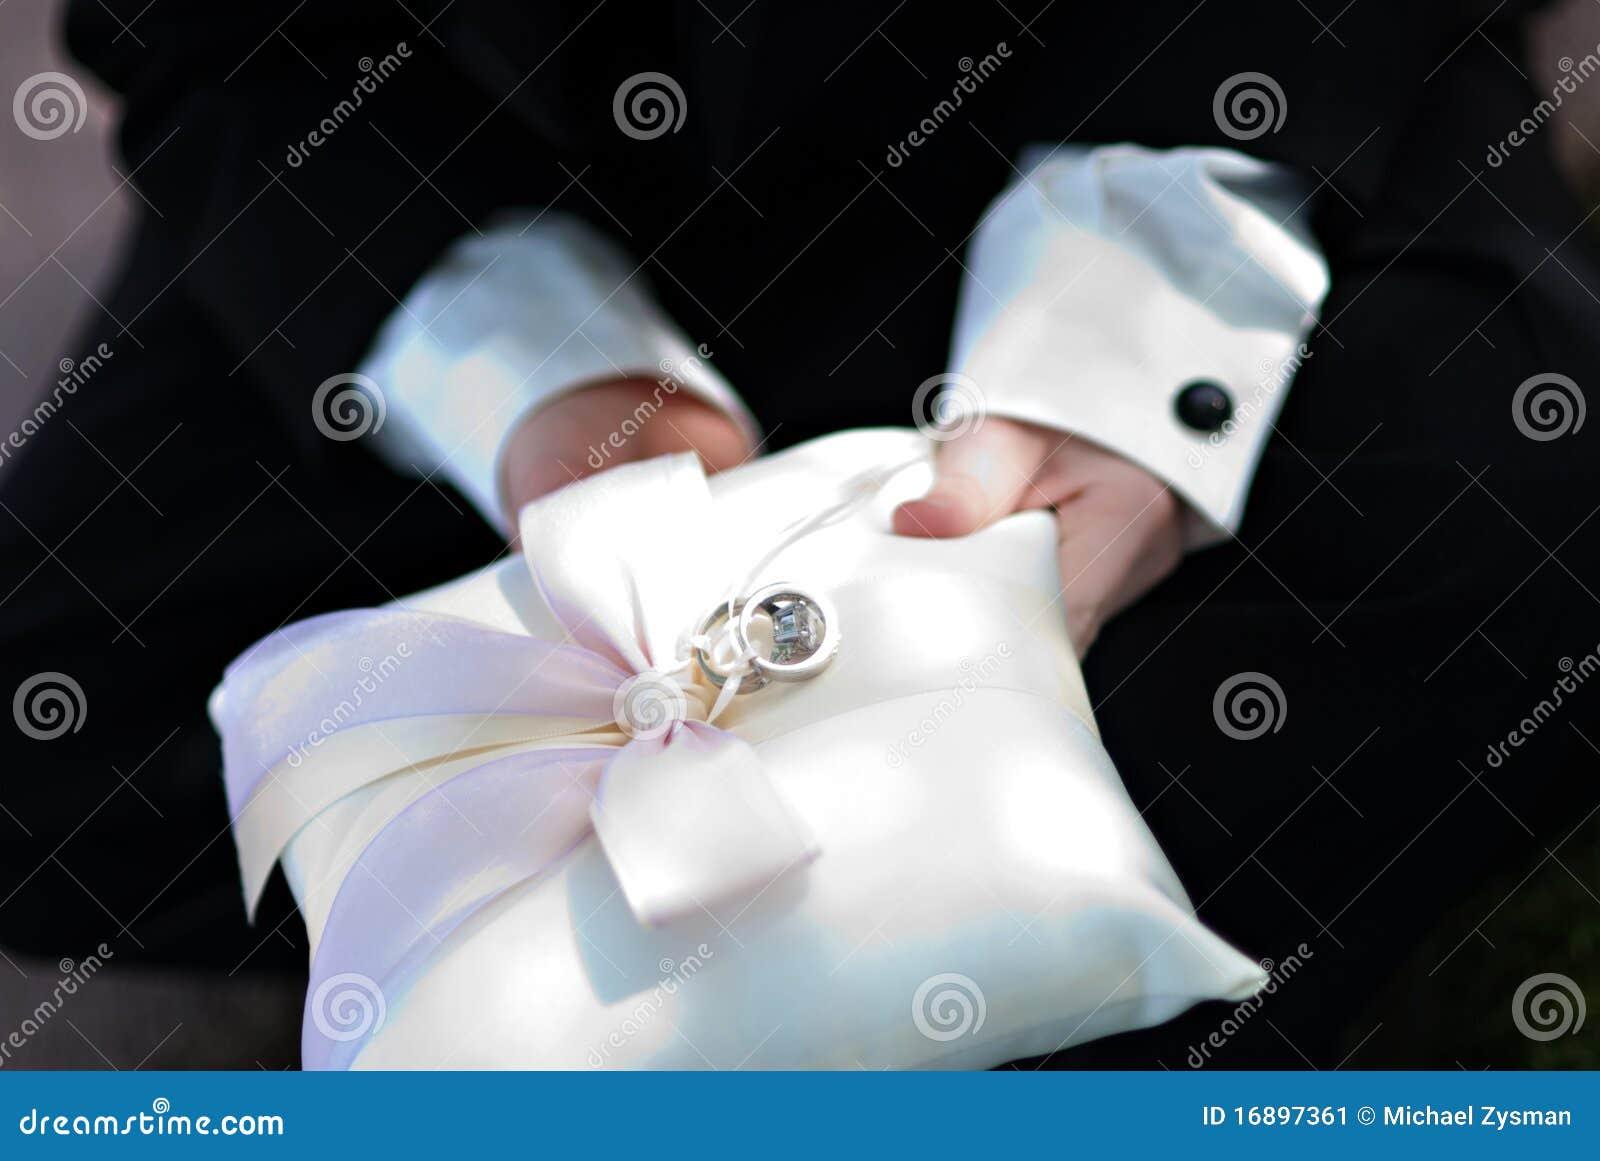 持票人环形婚礼